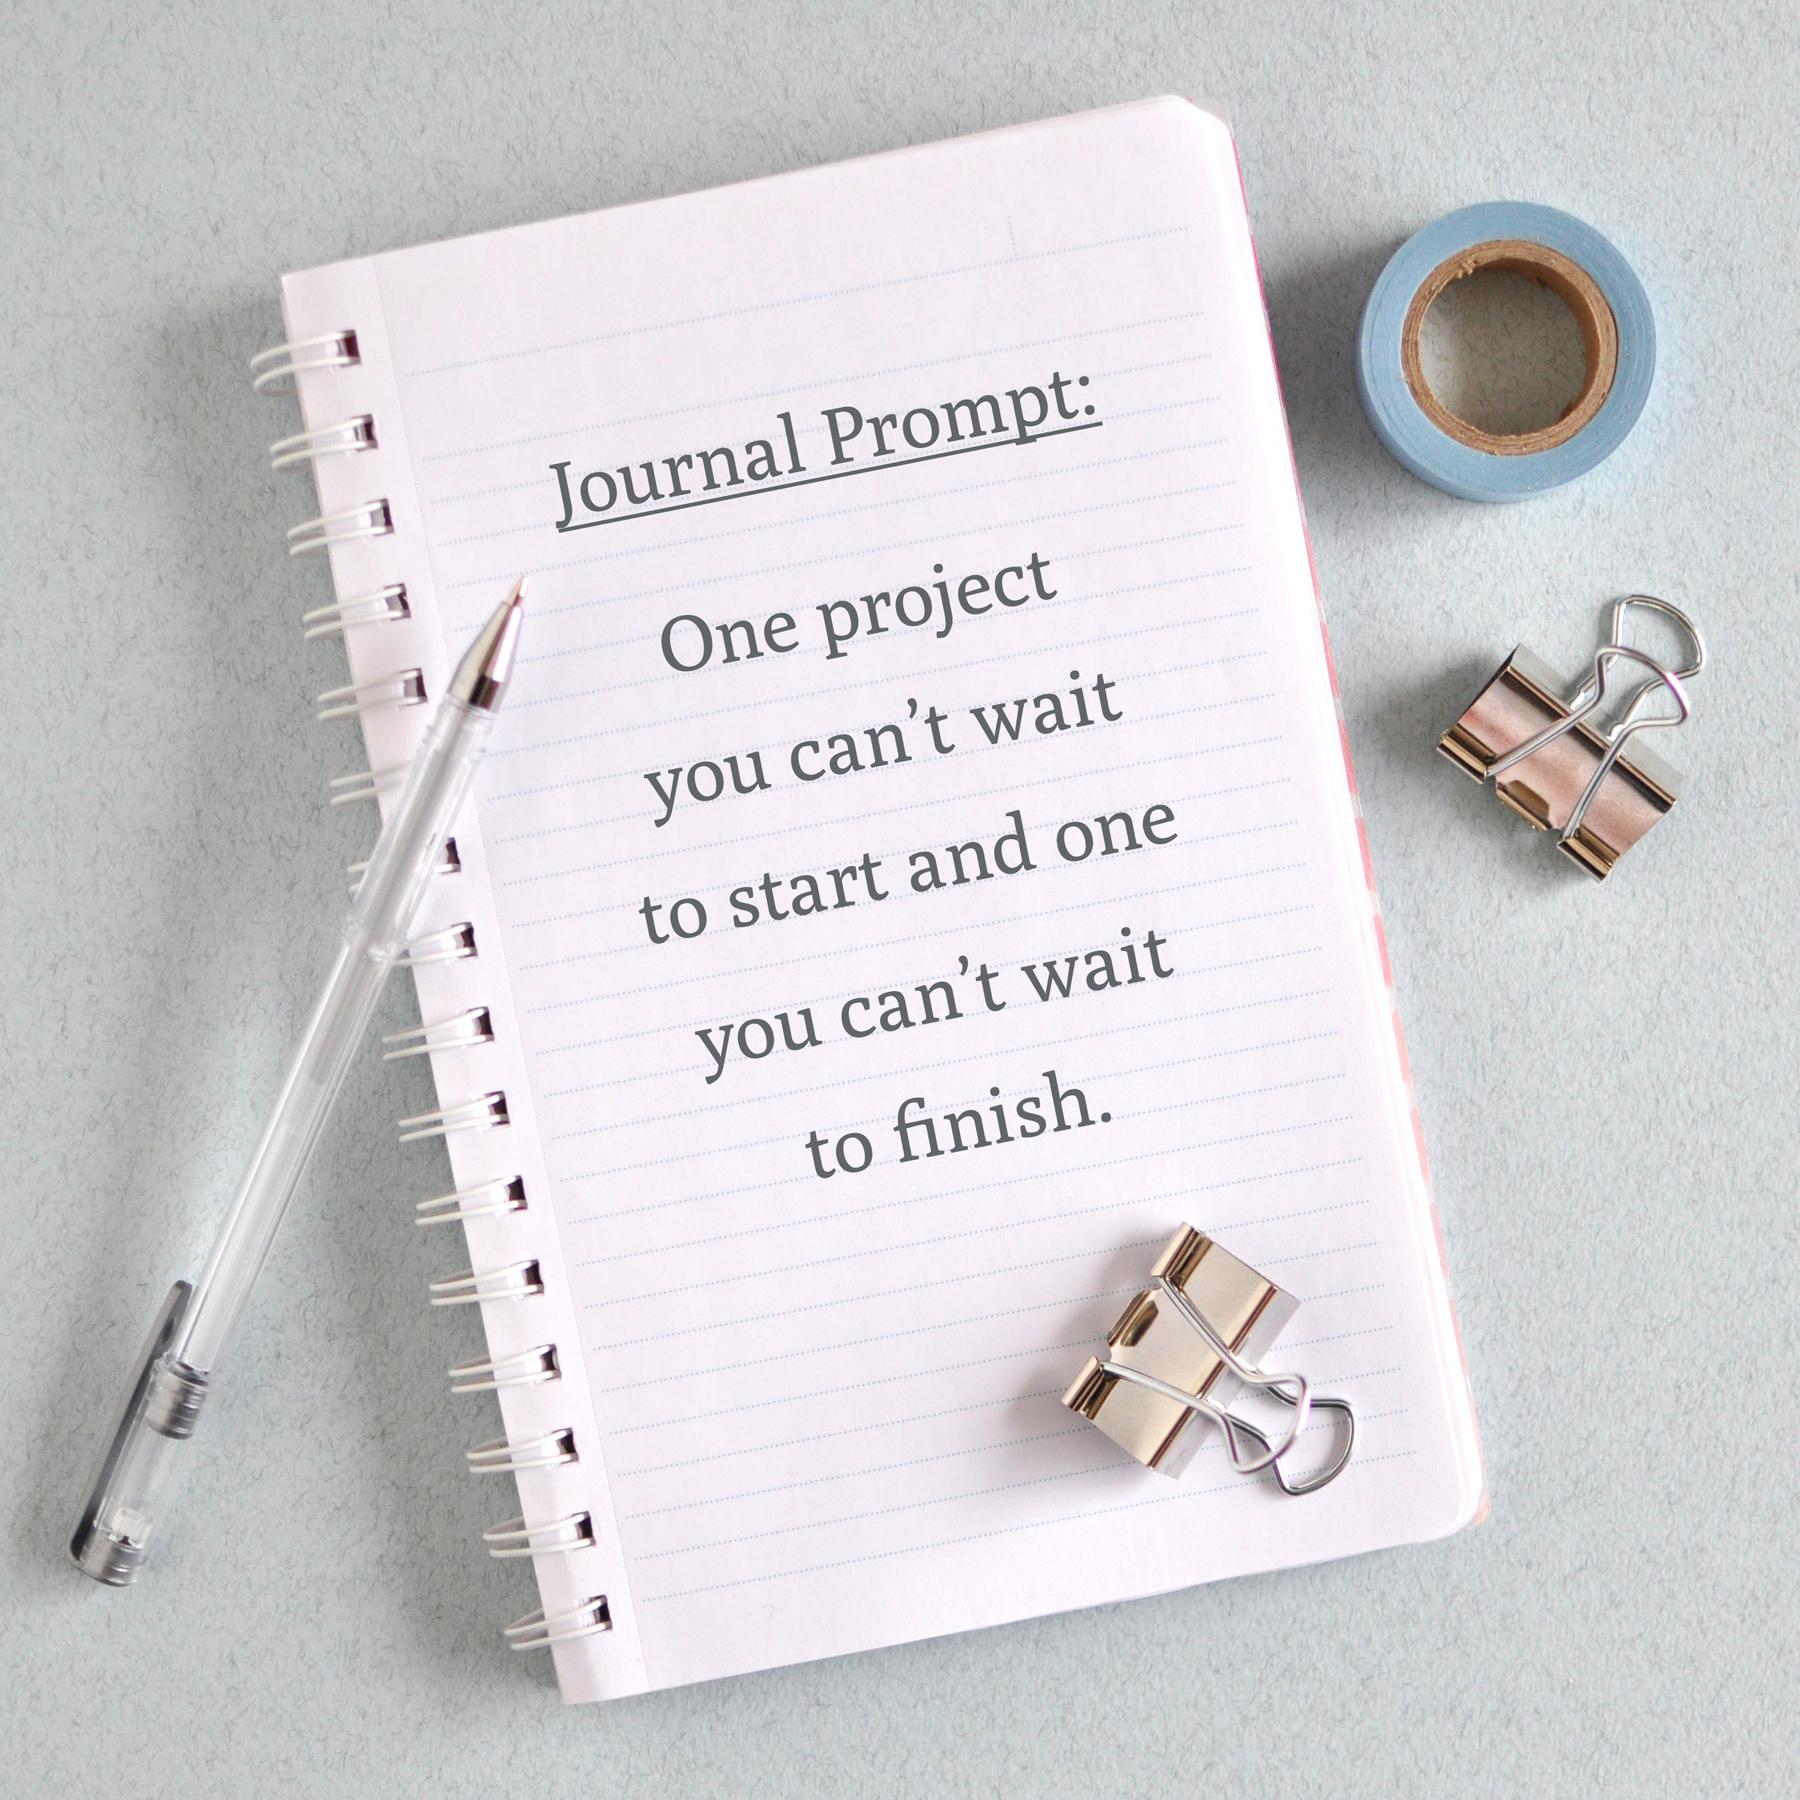 11-04-2018---Journal-prompt-by-Christie-Zimmer.jpg